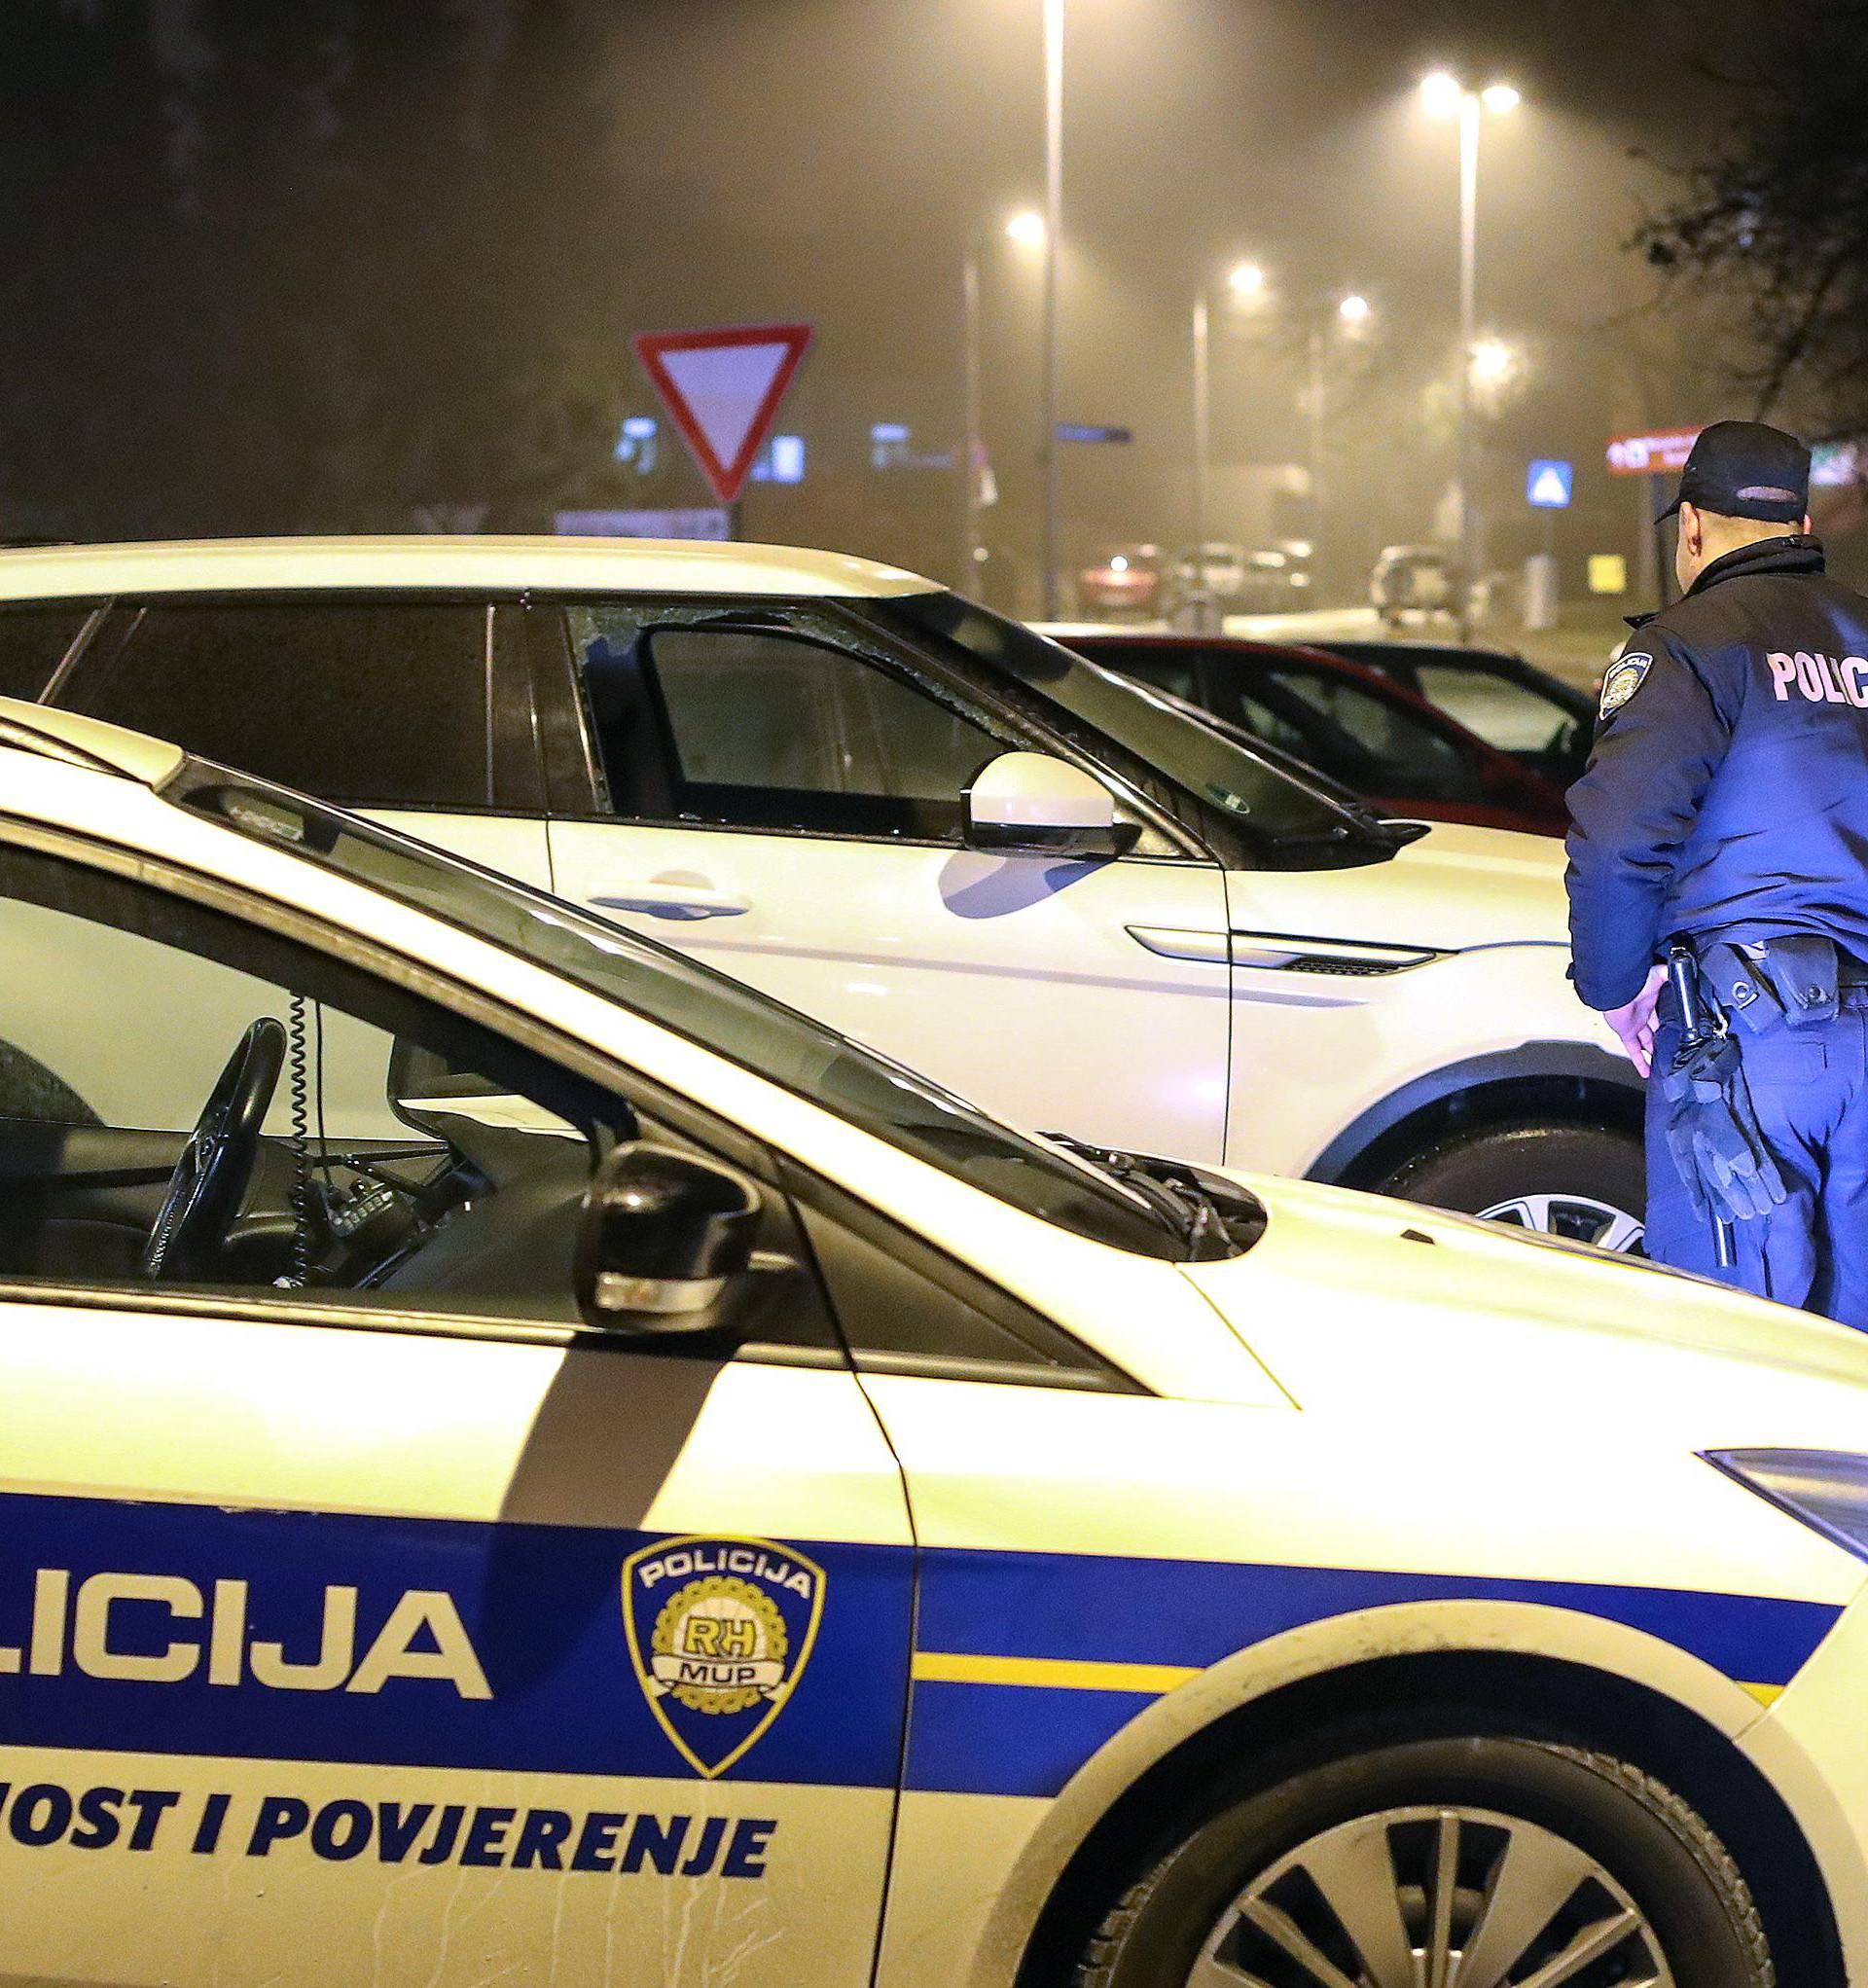 Opljačkao banku u Opuzenu pa bježao u BiH, našli i dio plijena